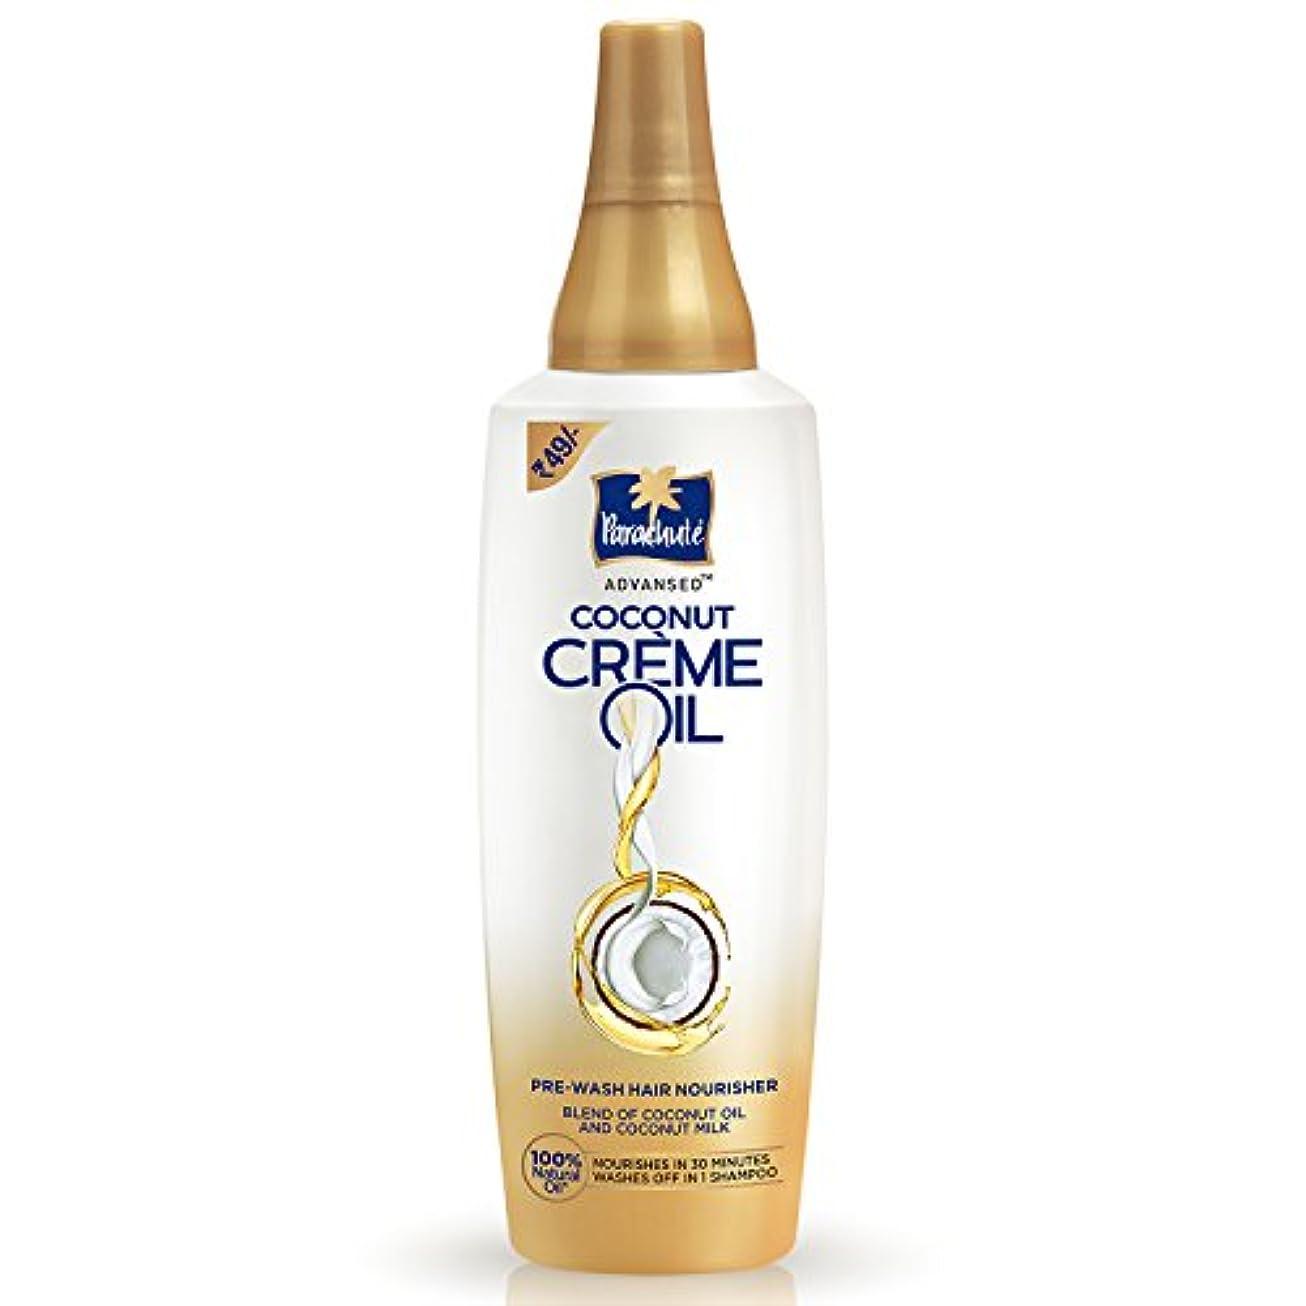 悪の不機嫌そうなゴムParachute Advansed Coconut Crème Oil, 60 ml (Pack of 4)